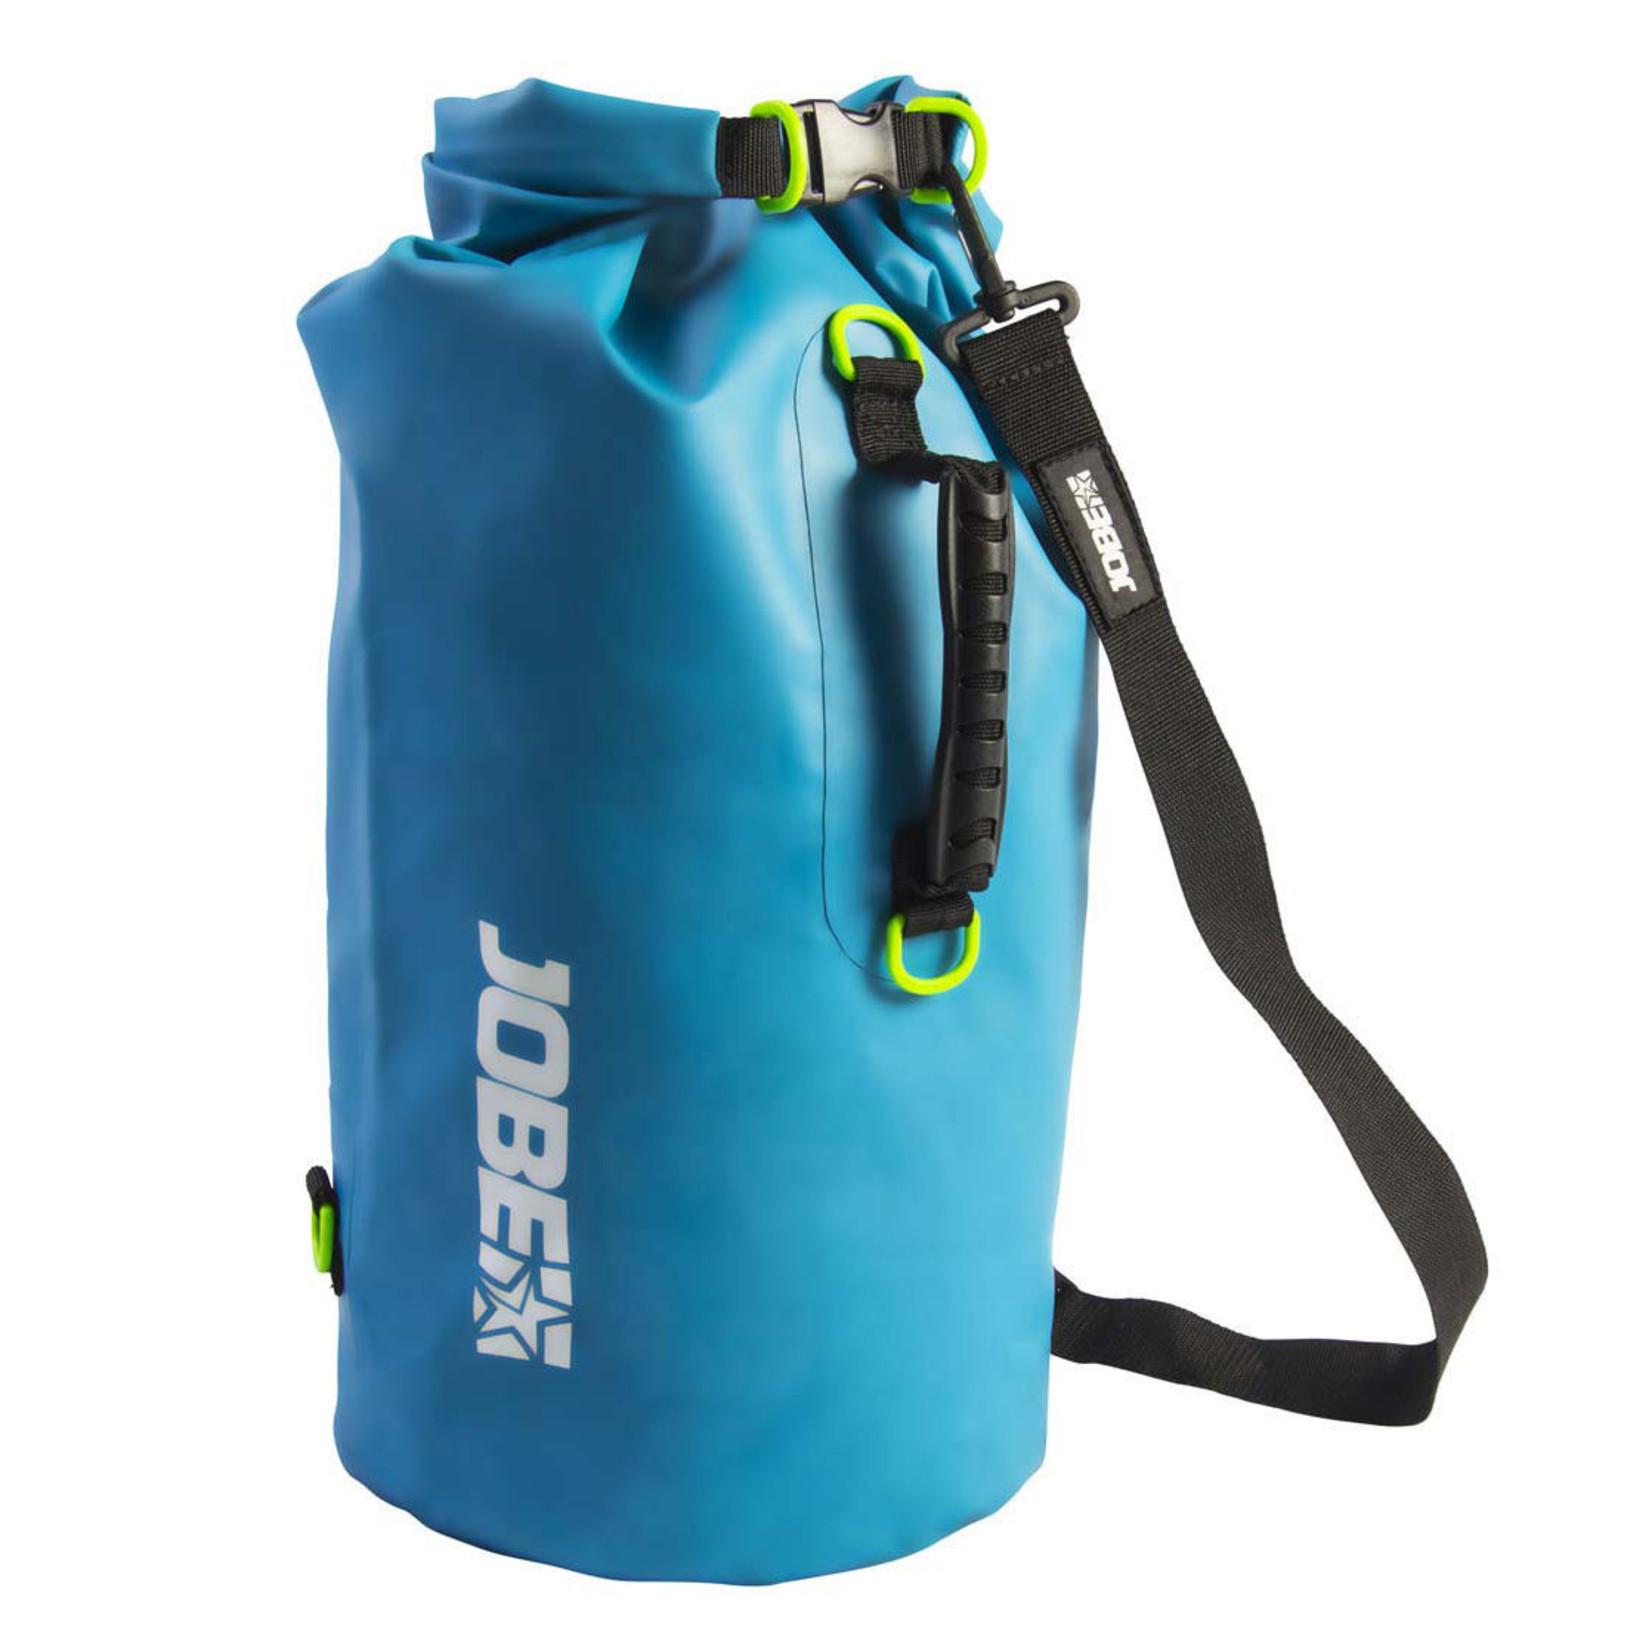 JOBE Waterproof bag - several dimensions